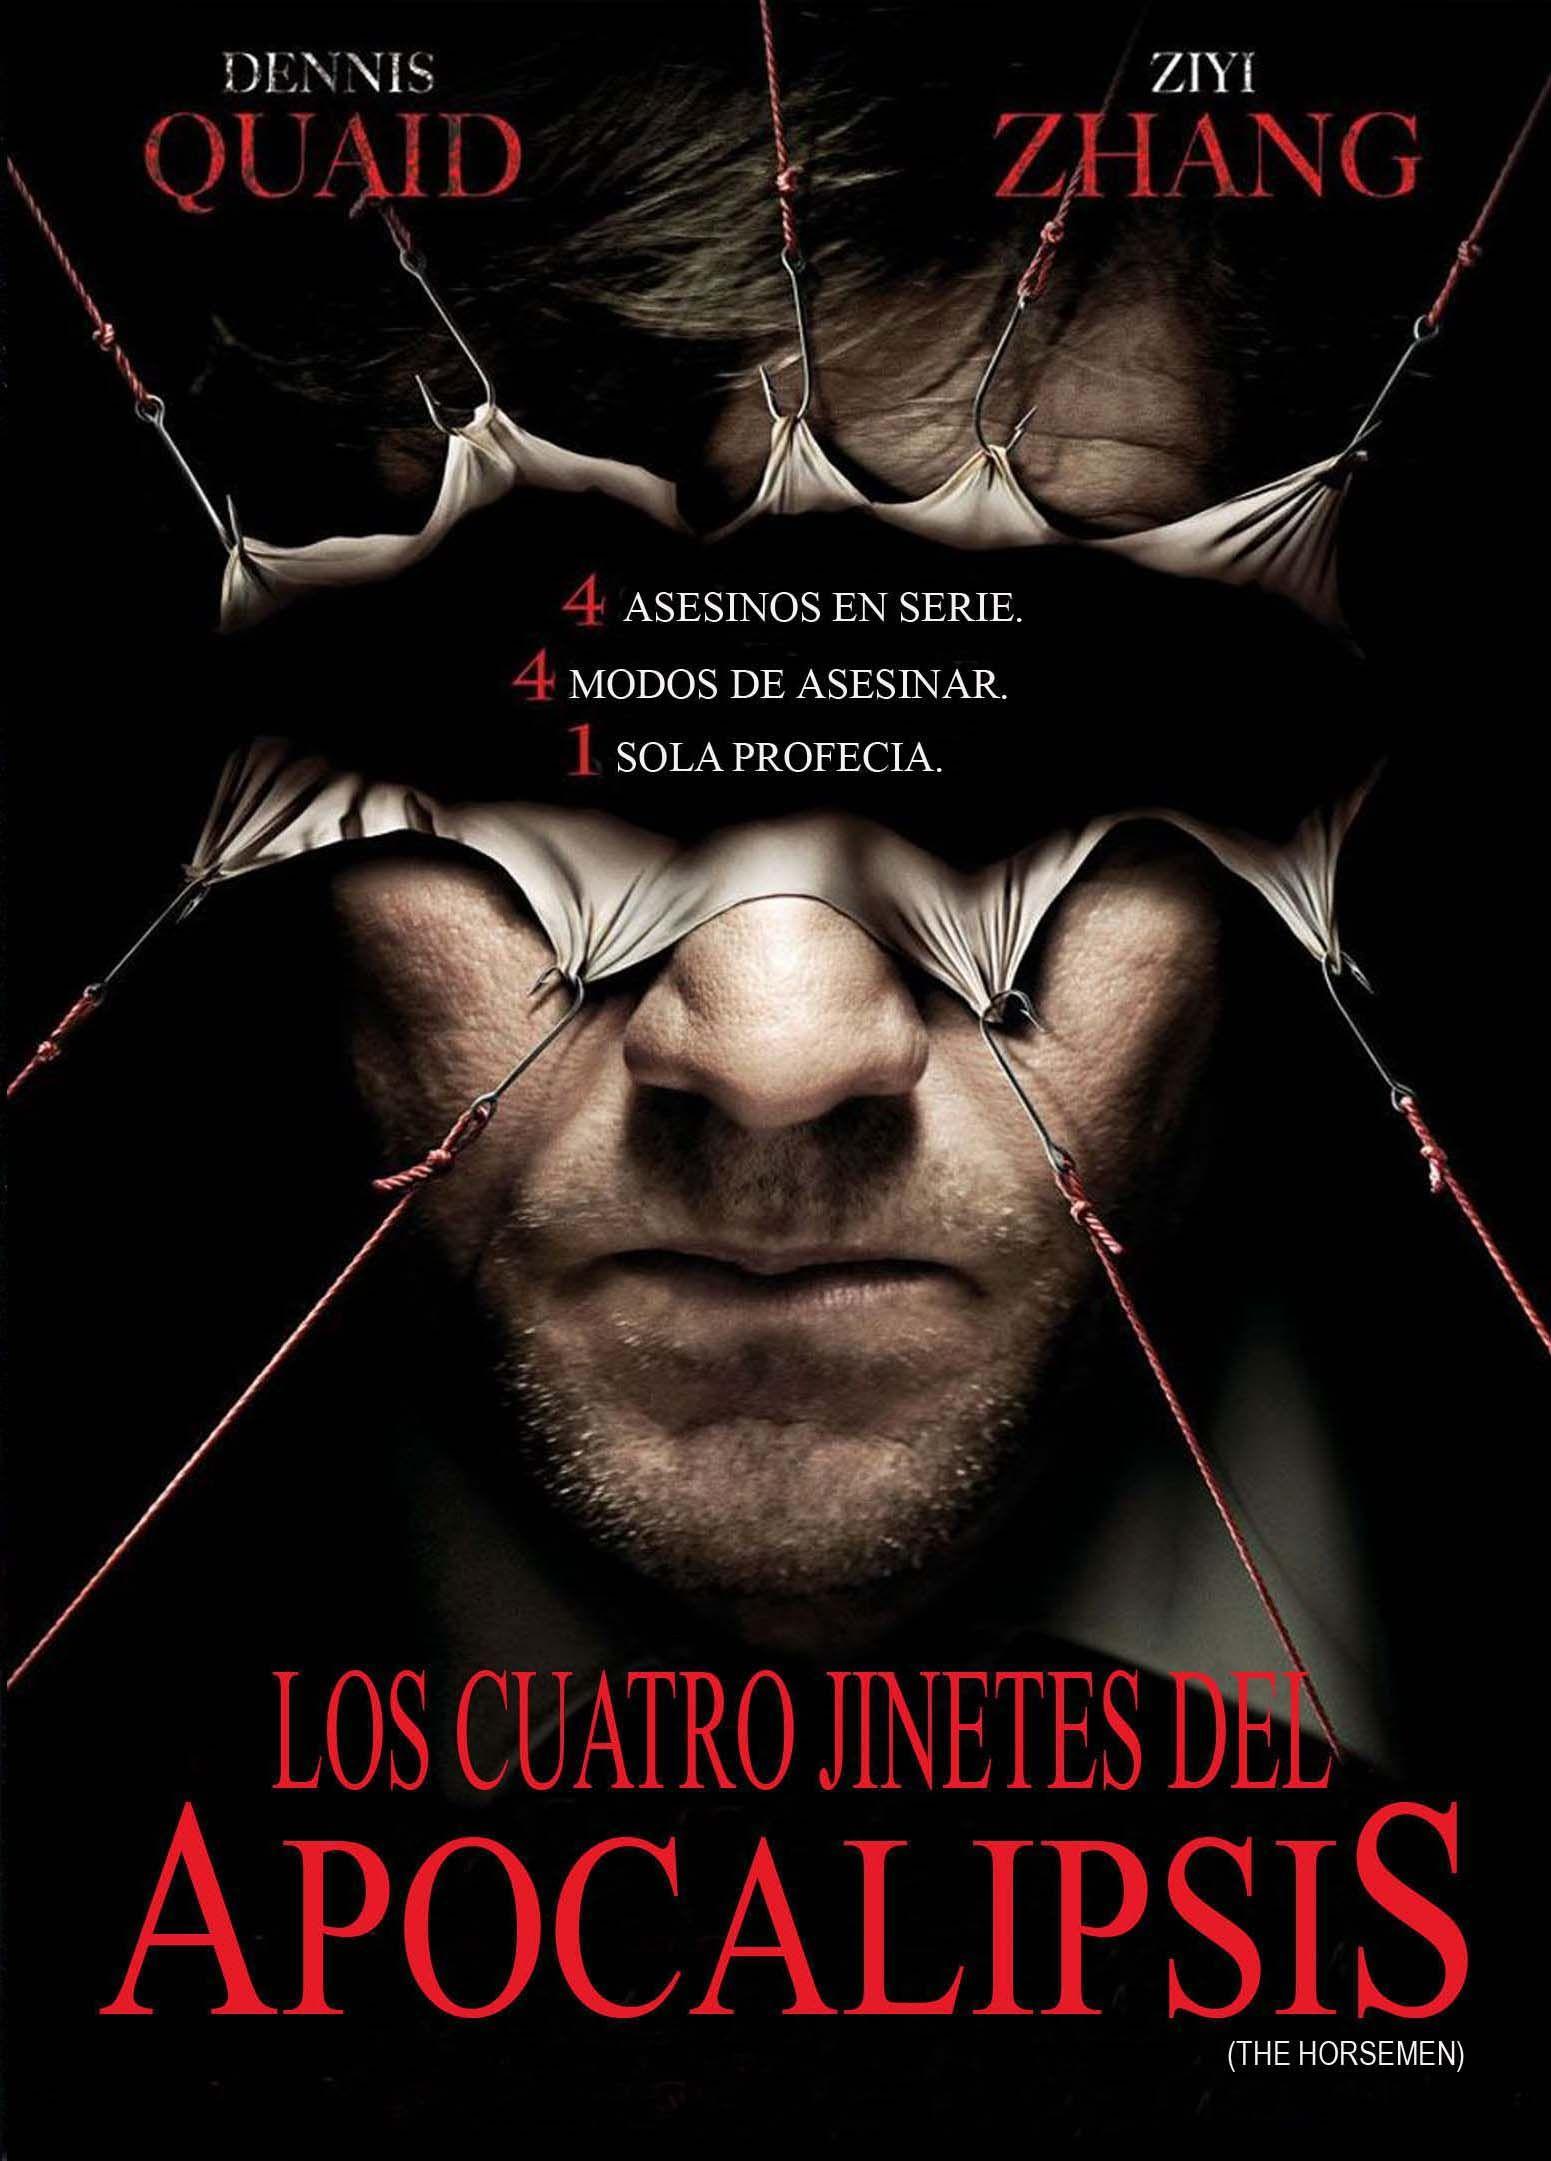 Dennis Quaid Interpreta A Un Amargado Detective Devastado Por La Reciente Pérdida De Su Mujer Mientras Investiga Un Caso Jinete Apocalipsis Asesinos En Serie